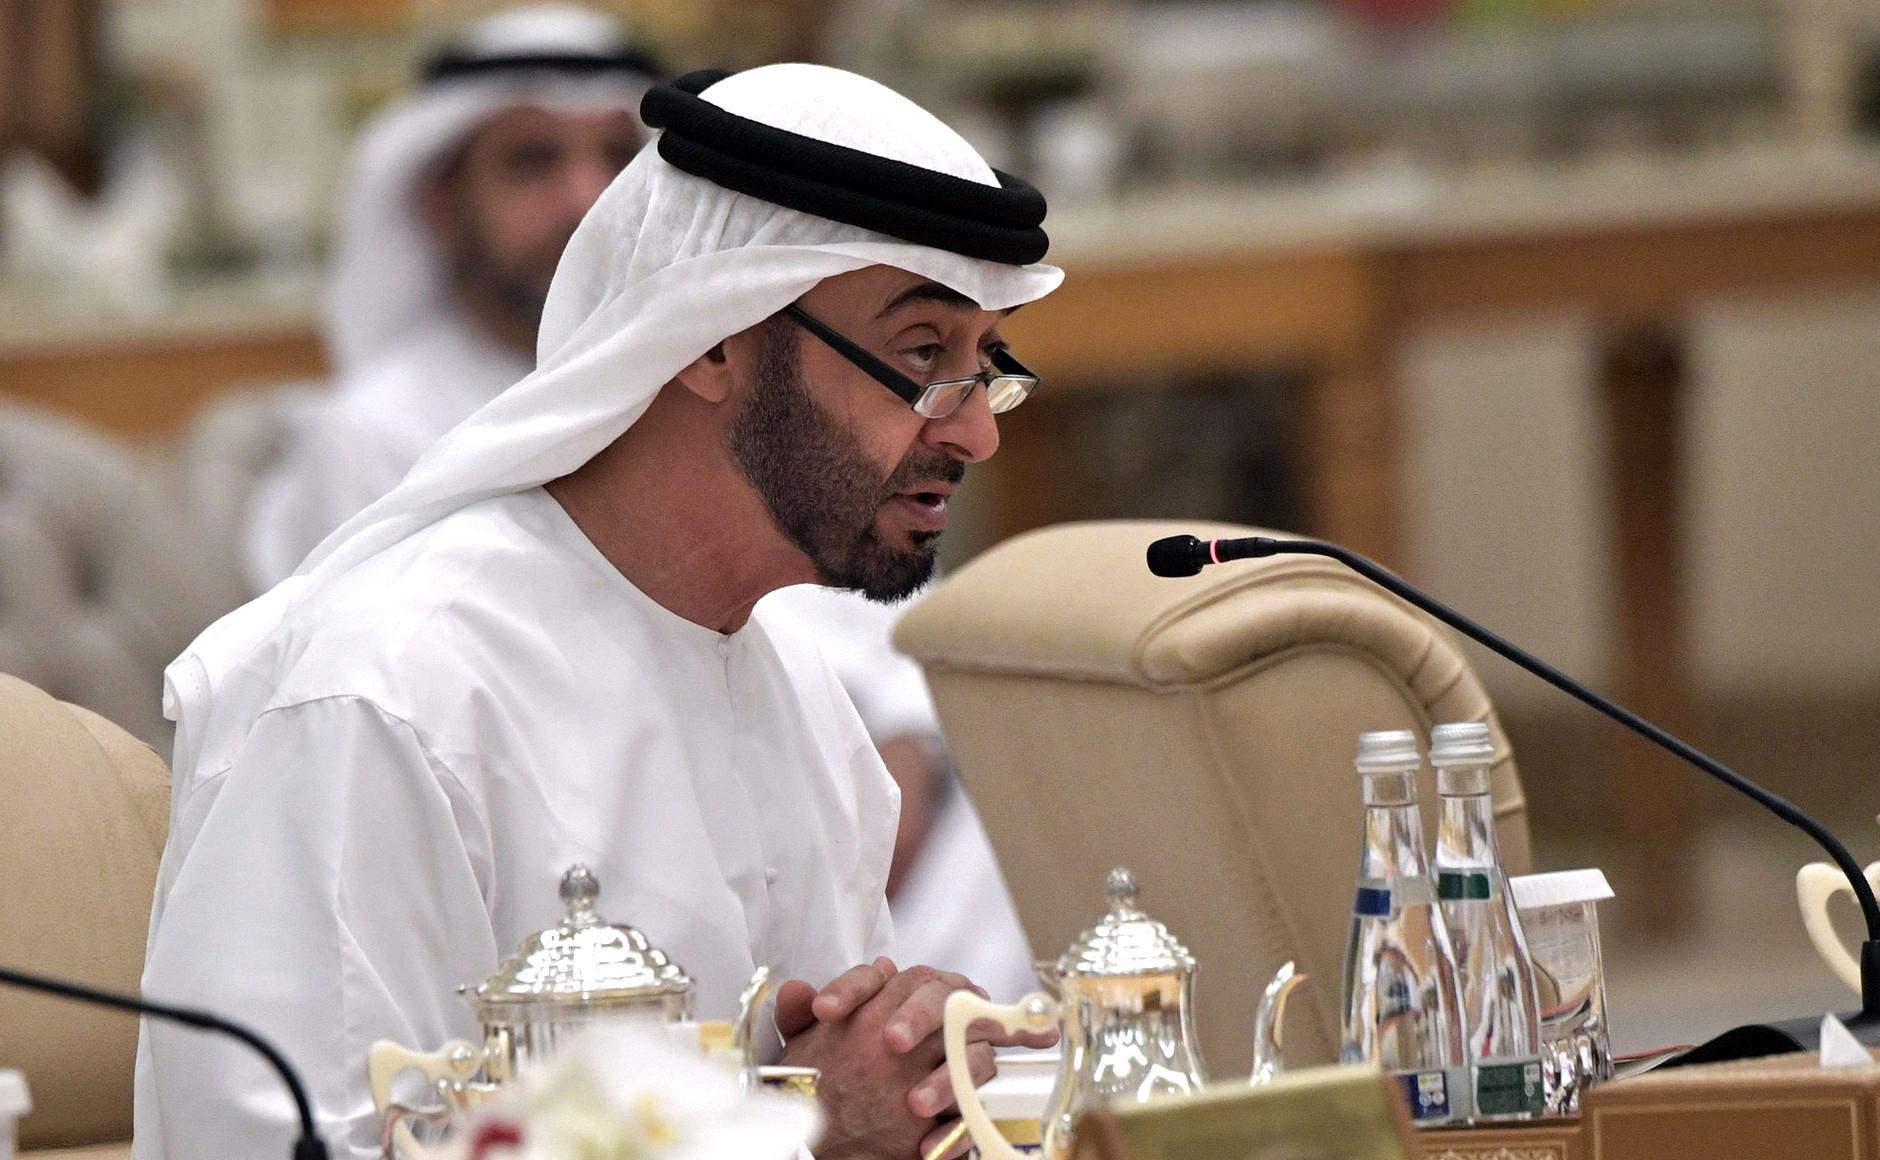 الإمارات تعلن عن قرار صادم لنظام الأسد